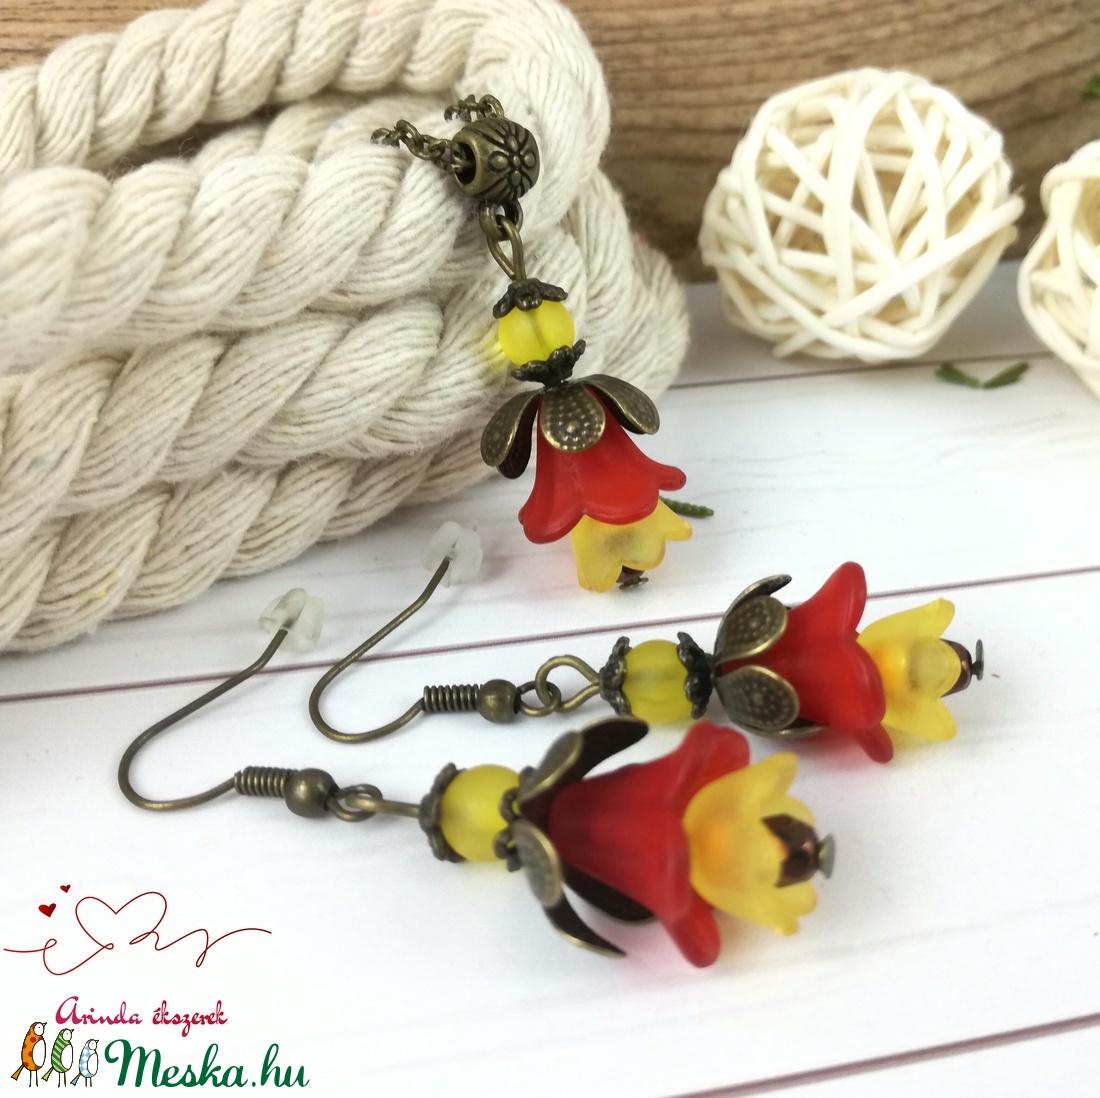 Tavaszi virágok piros narancssárga virágos nyaklánc fülbevaló szett - ékszer - ékszerszett - Meska.hu